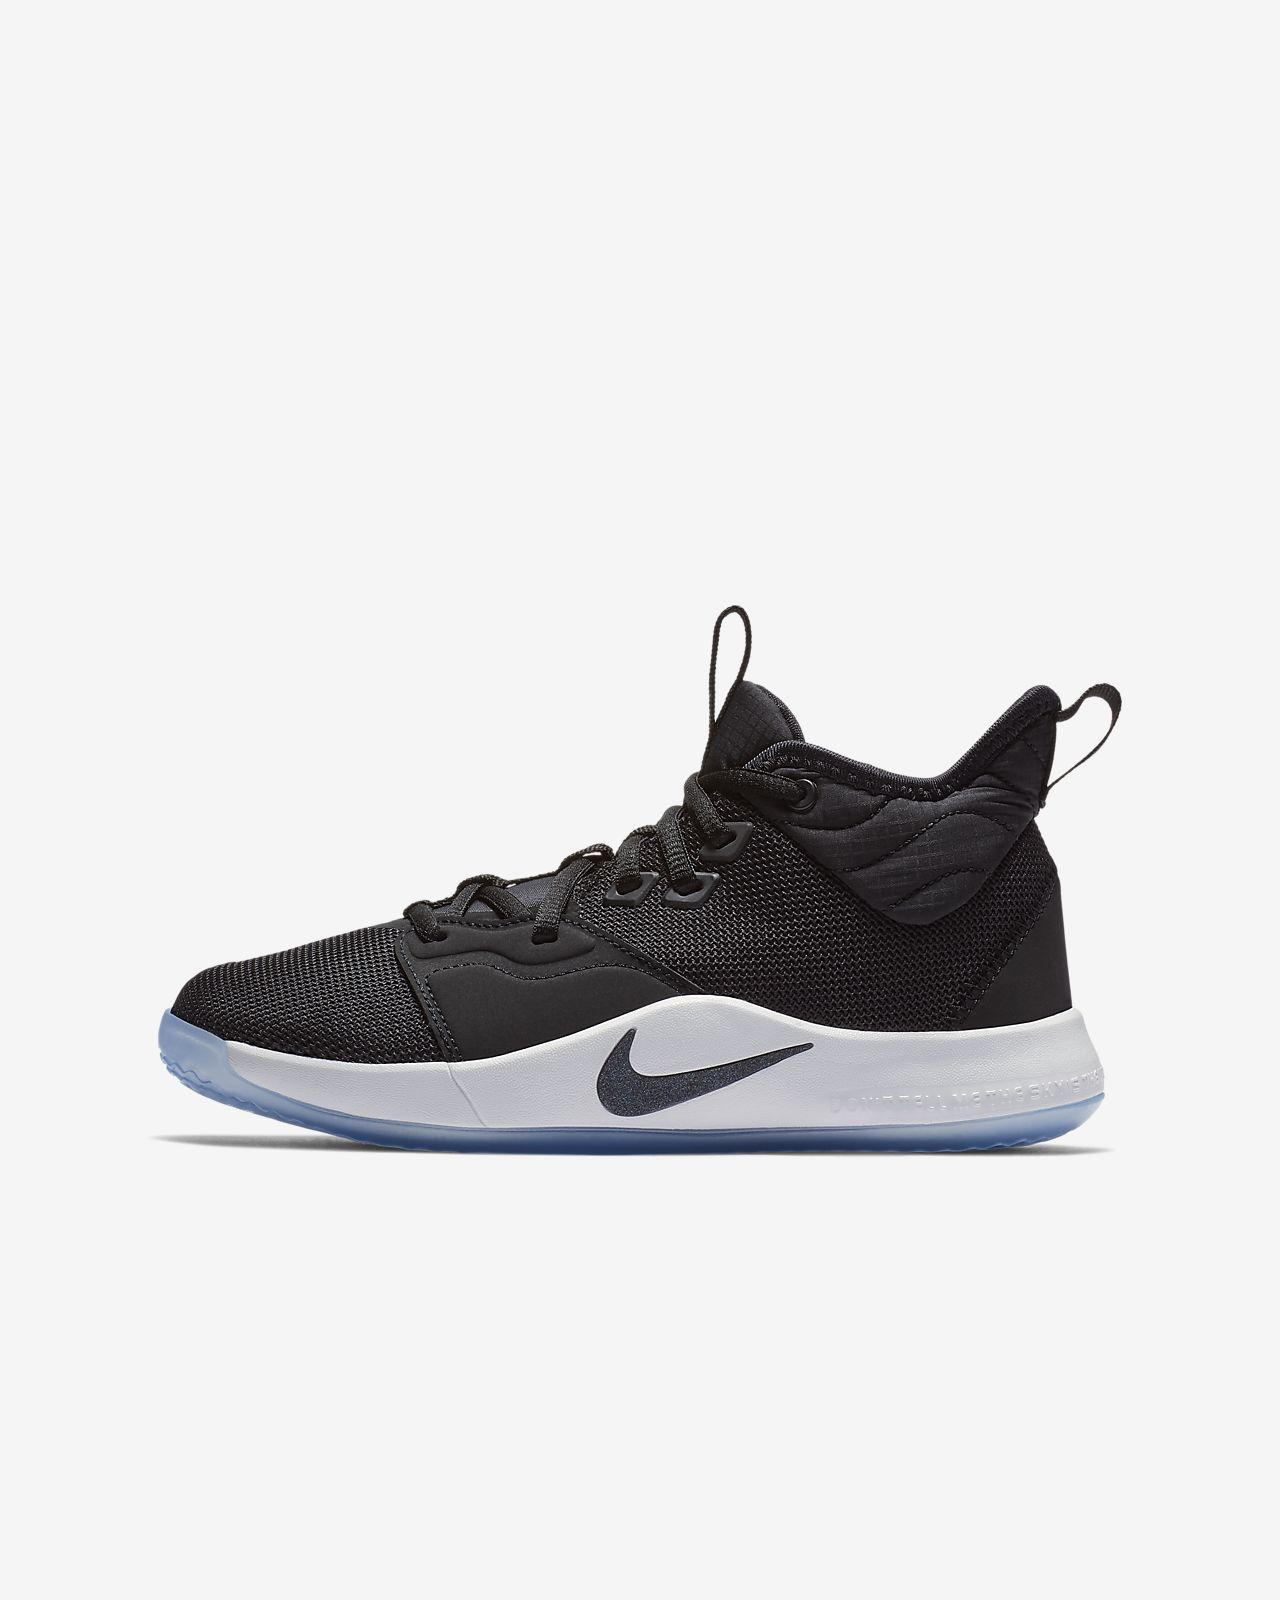 PG 3 Big Kids' Basketball Shoe